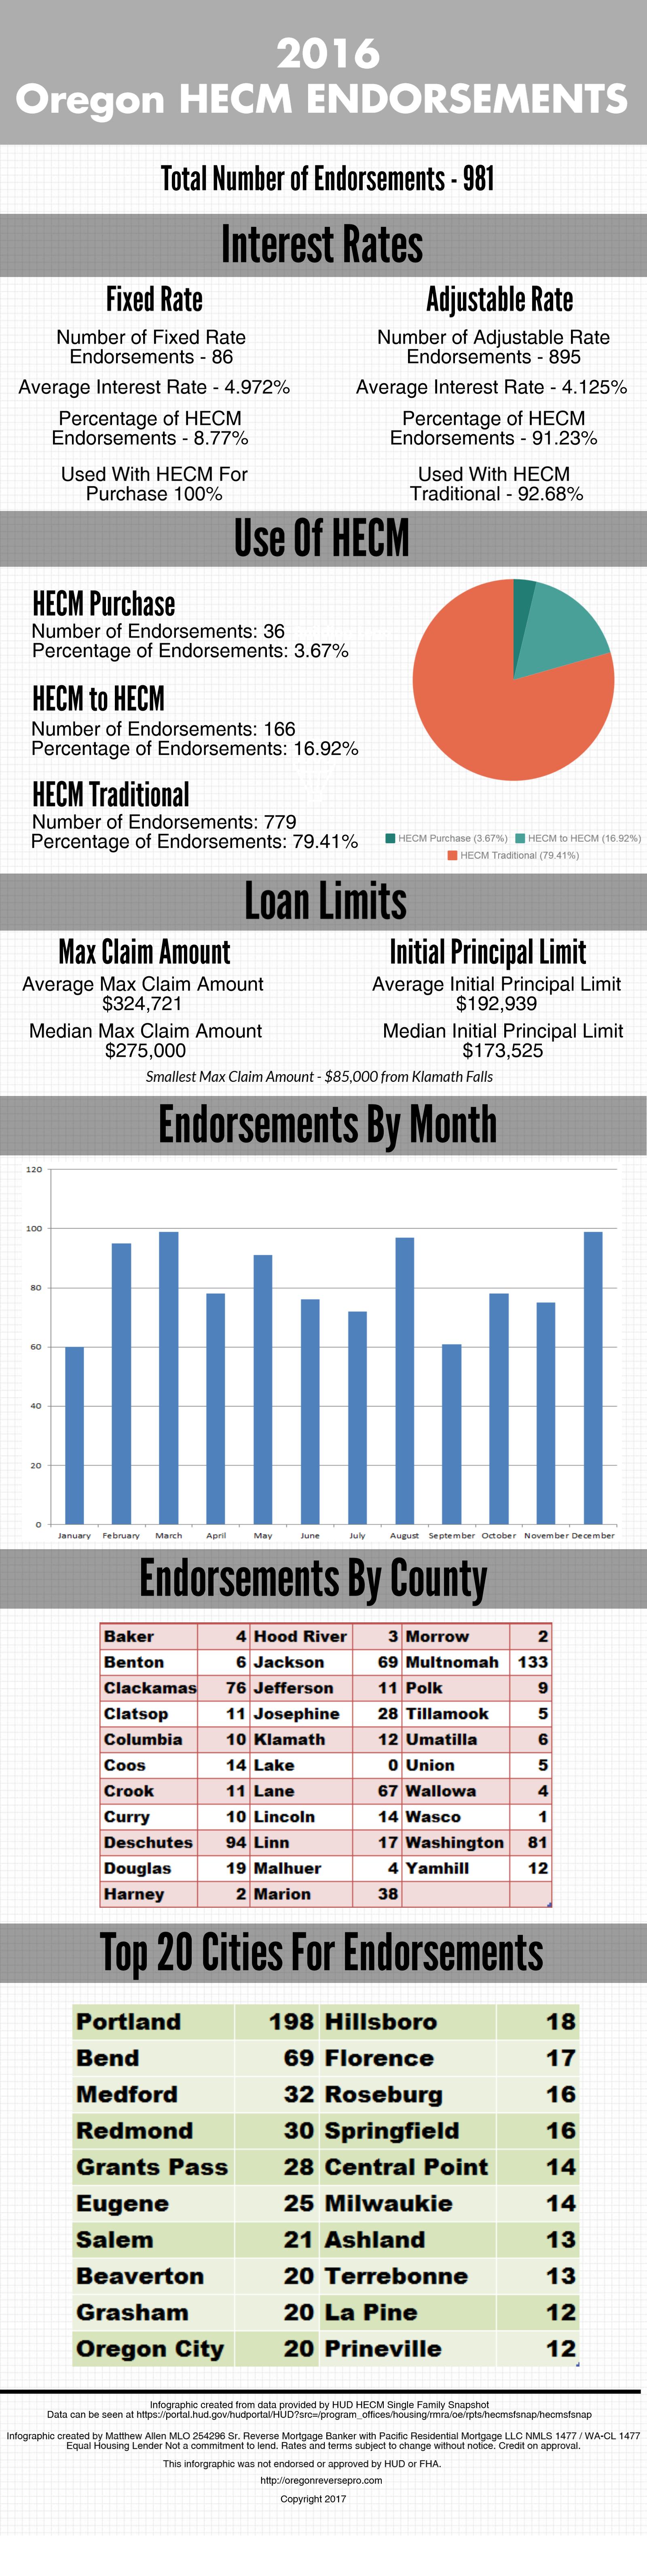 2016 Oregon HECM Endorsements